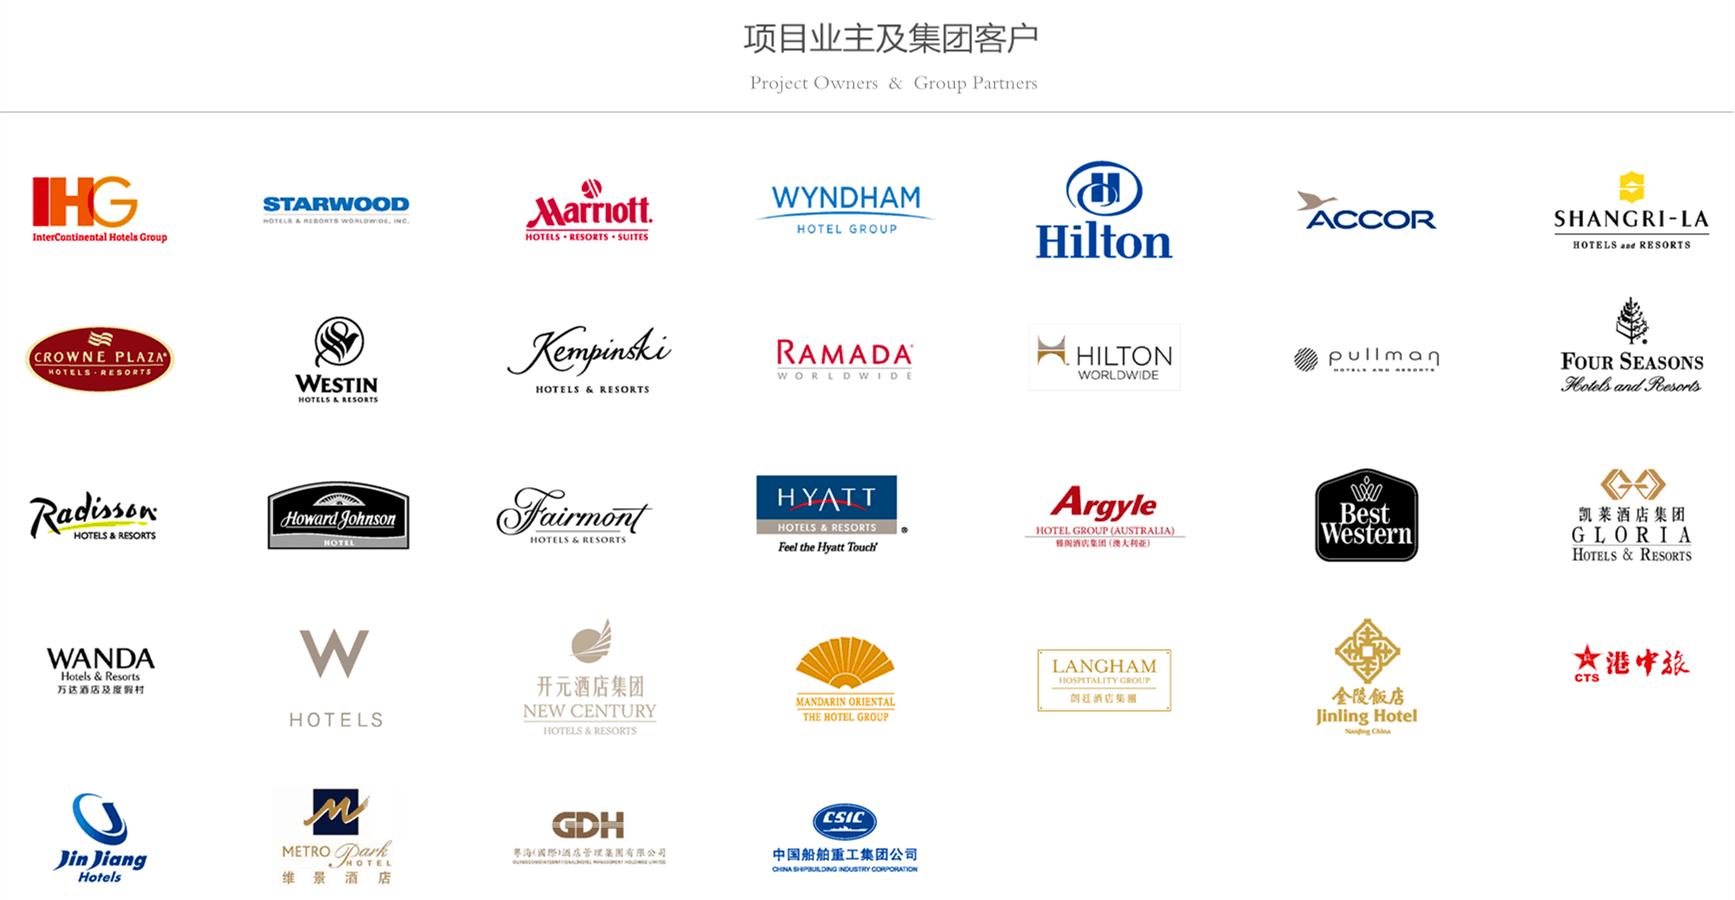 VOFU 沃尔夫酒店用品成功案例 | 哪些酒店采购VOFU沃尔夫客房用品